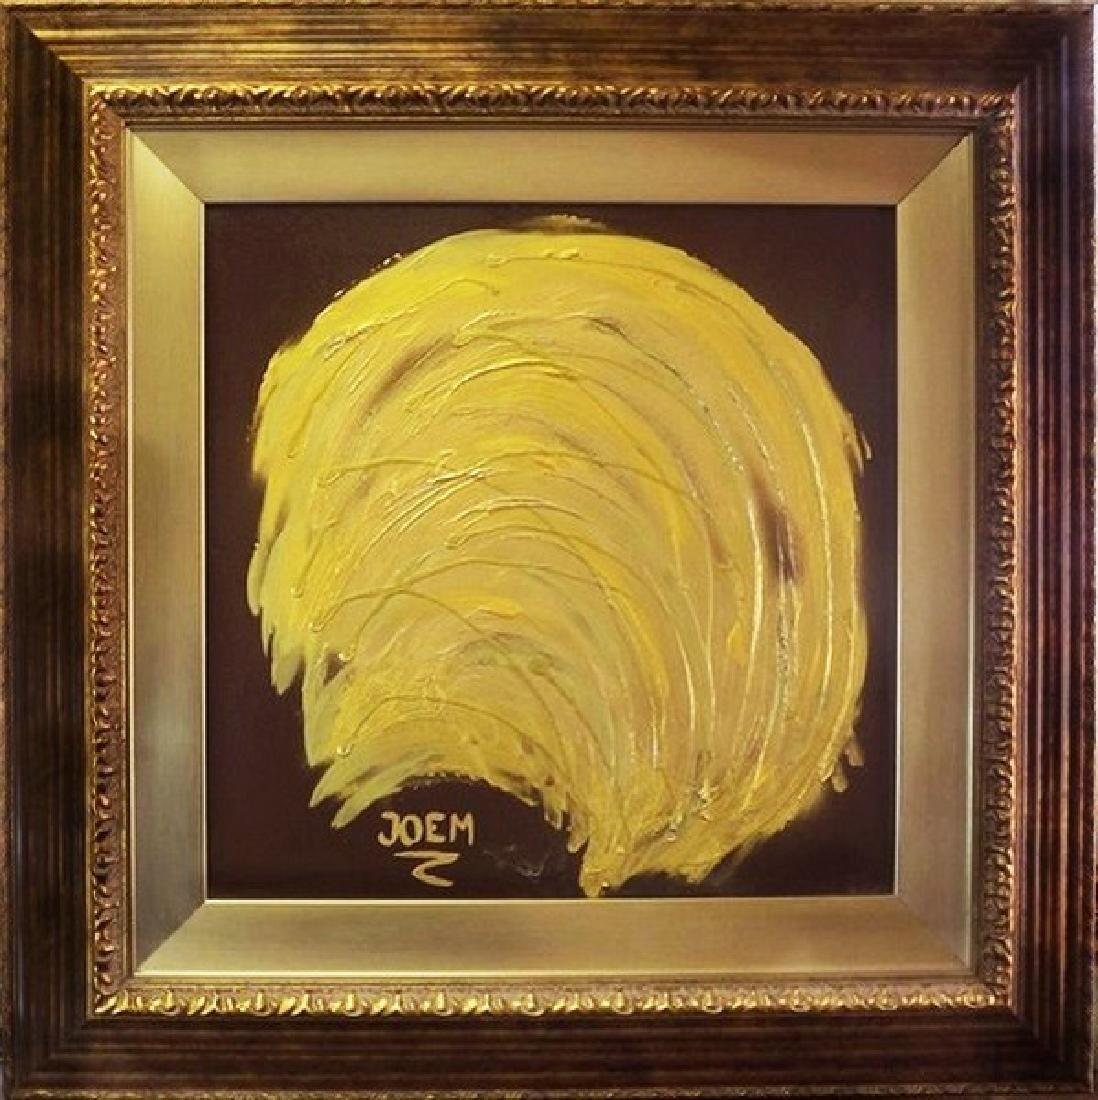 Original Oil Painting by JOEM